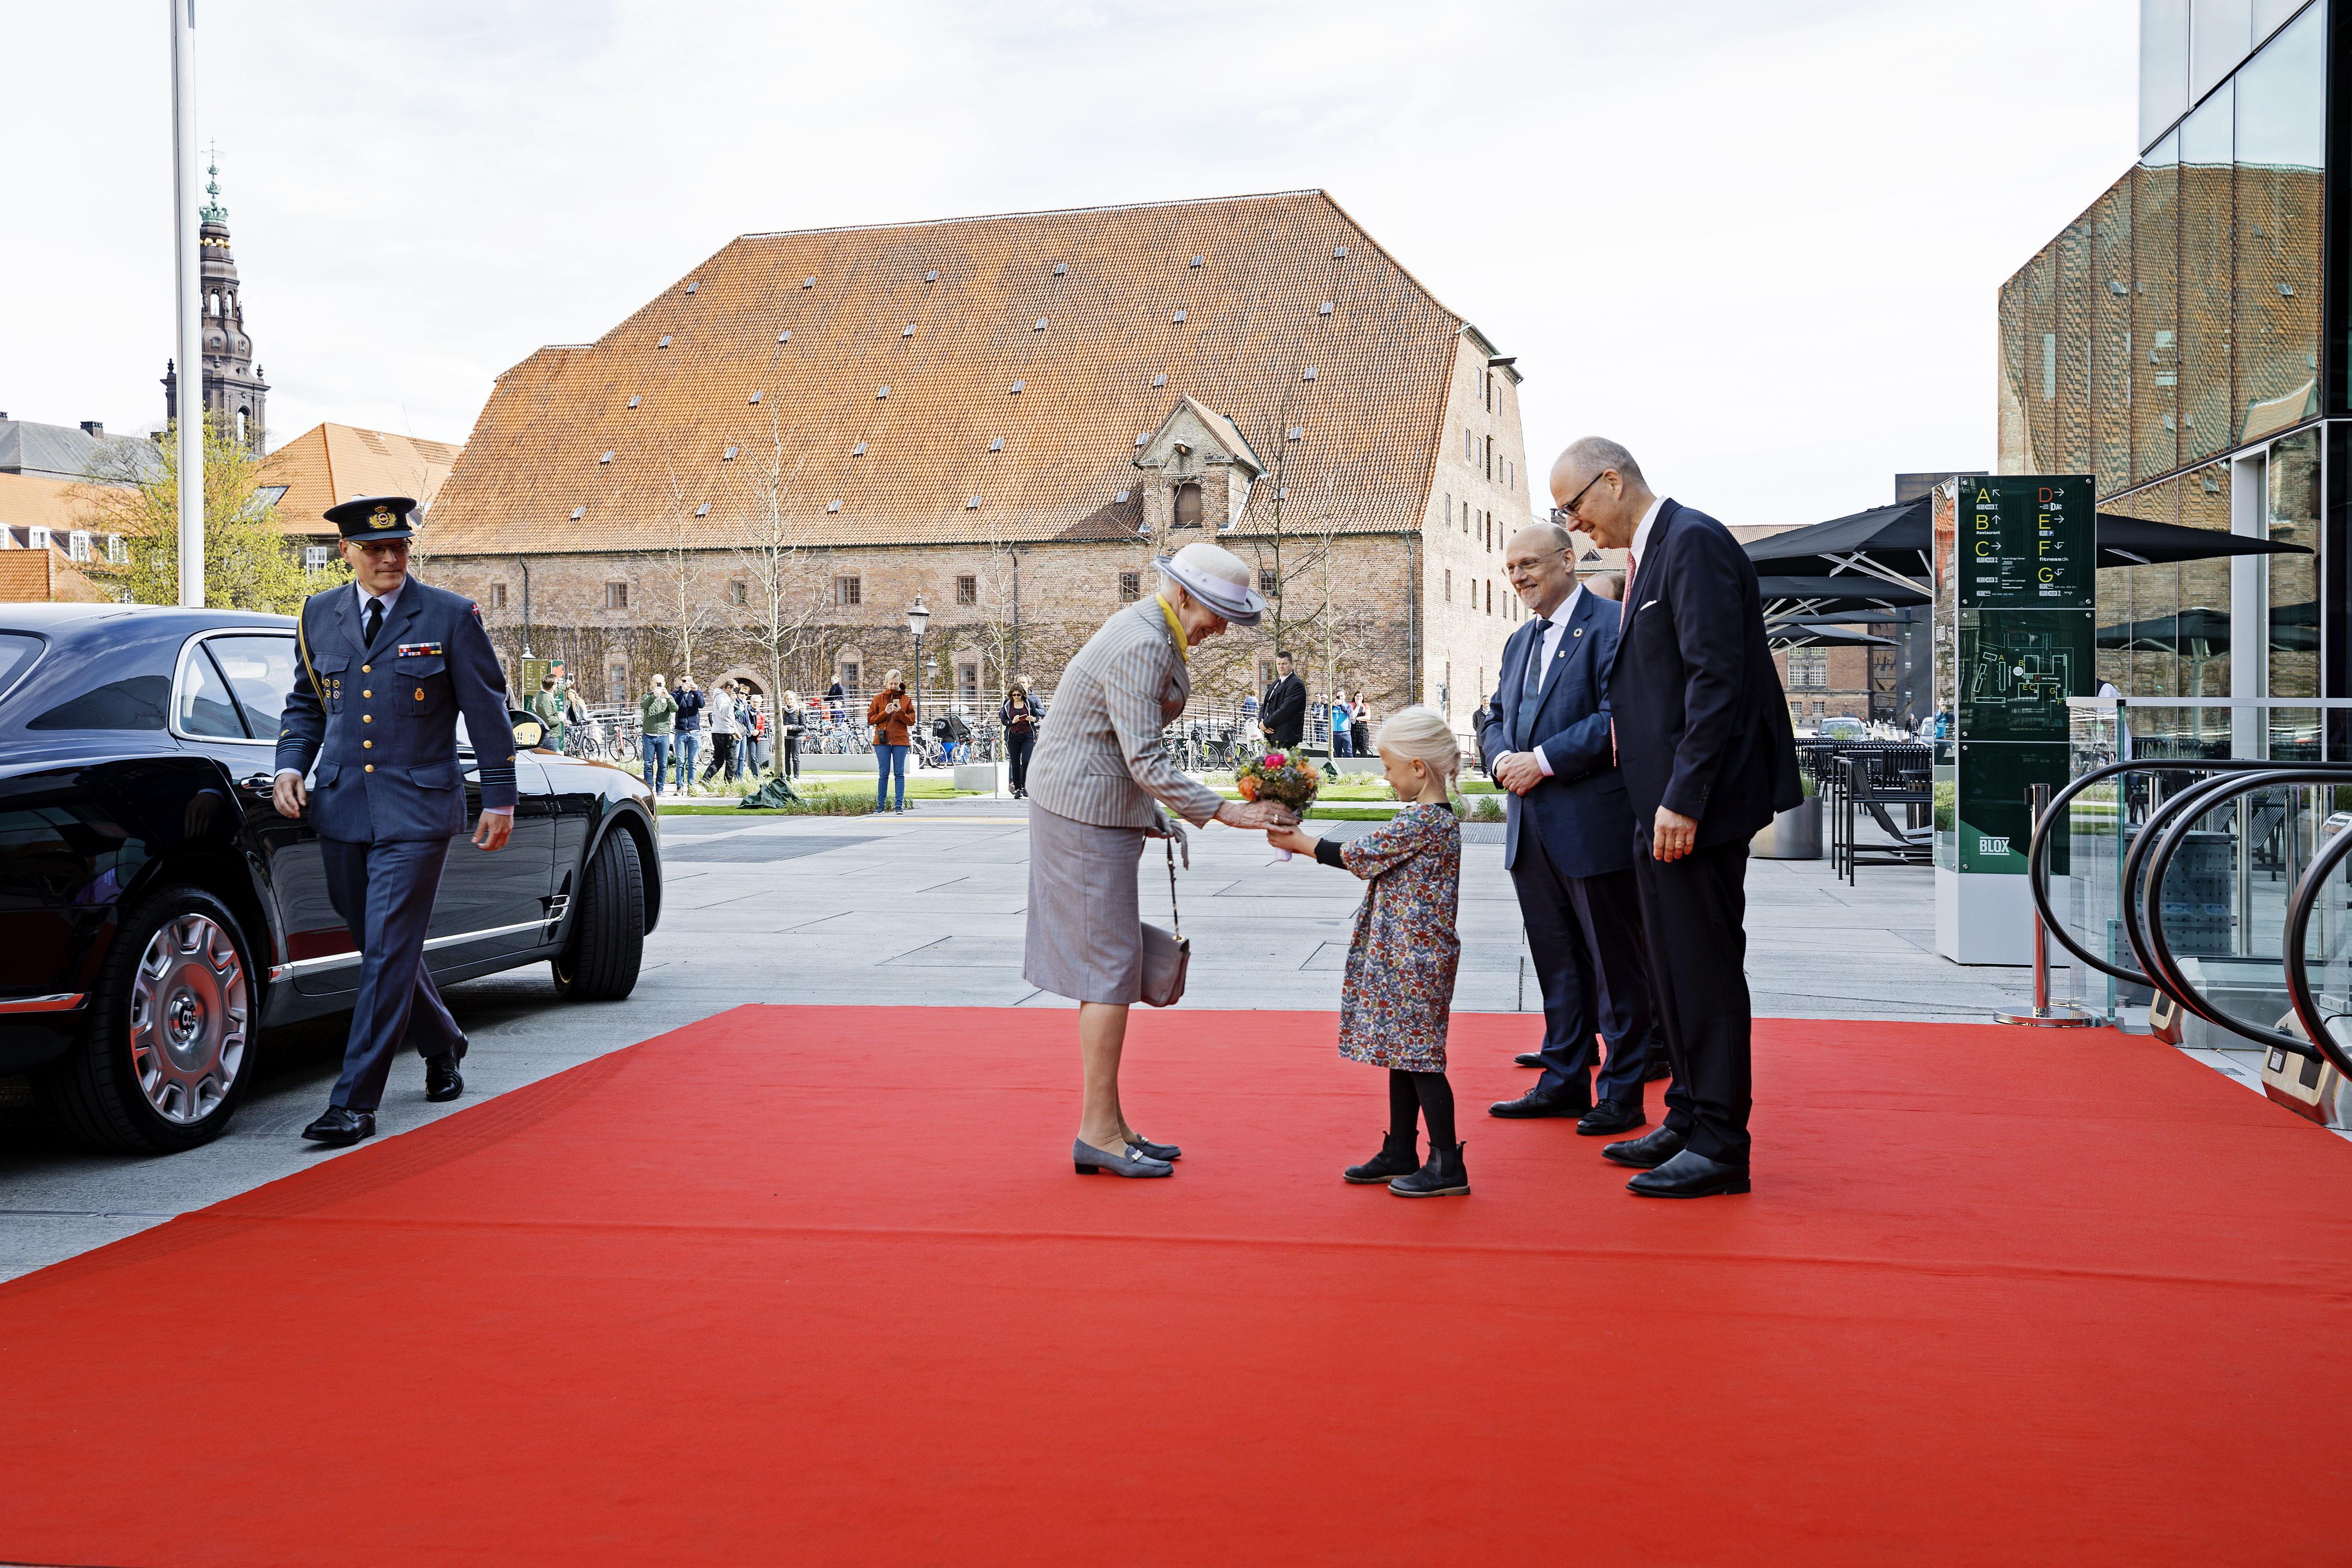 Dronningen Indviede Blox Søndag Er Der åbent Hus For Alle